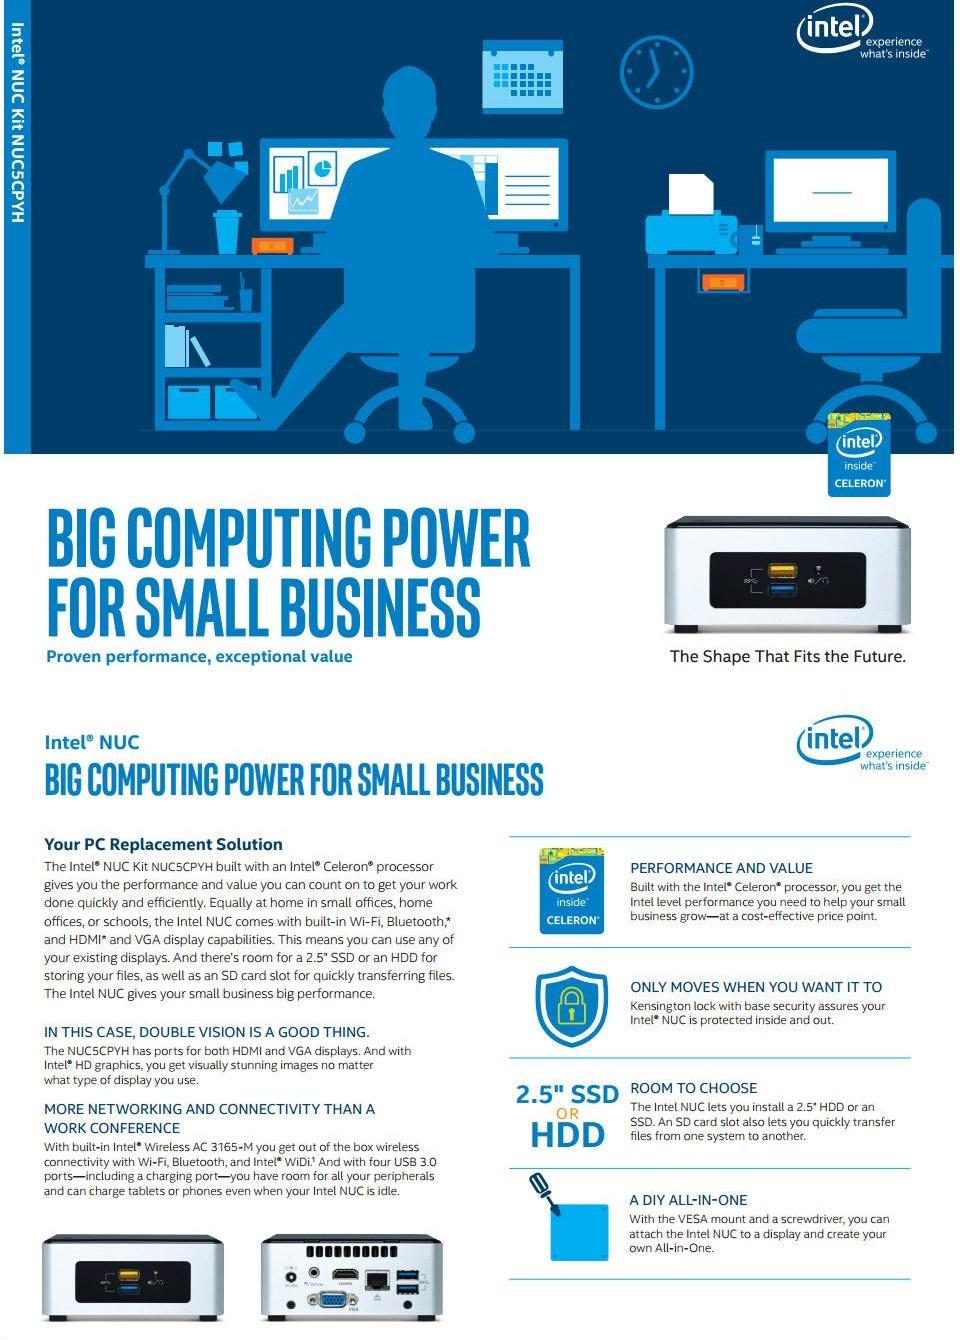 Intel BOXNUC5CPYH NUC Celeron 2.5